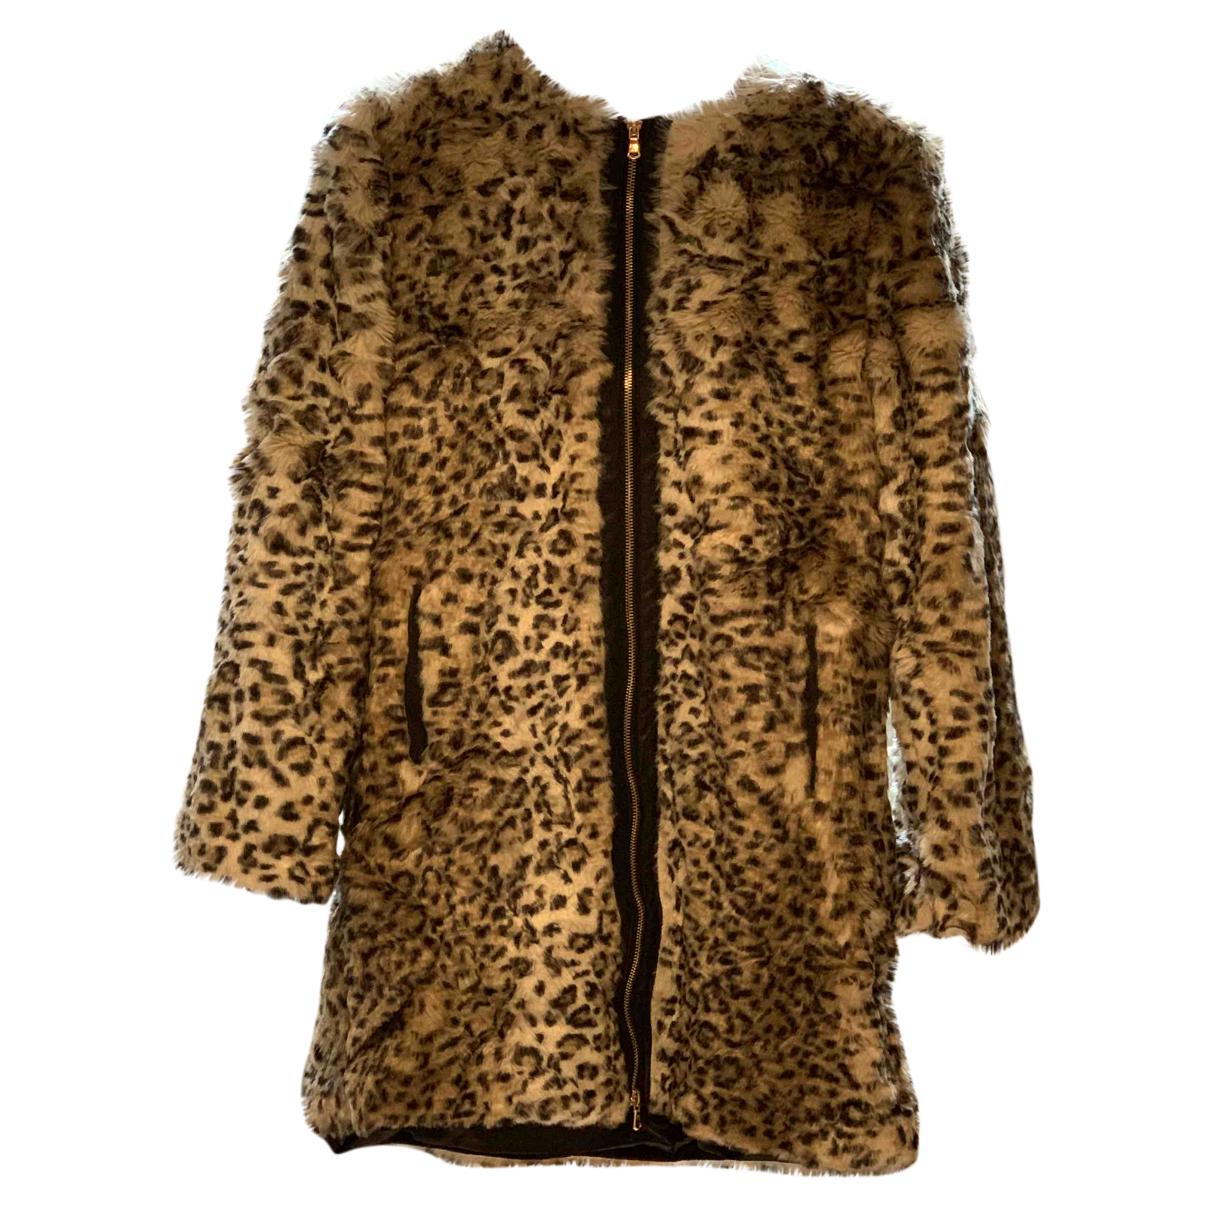 Zara - Manteau   pour femme en fourrure synthetique - multicolore